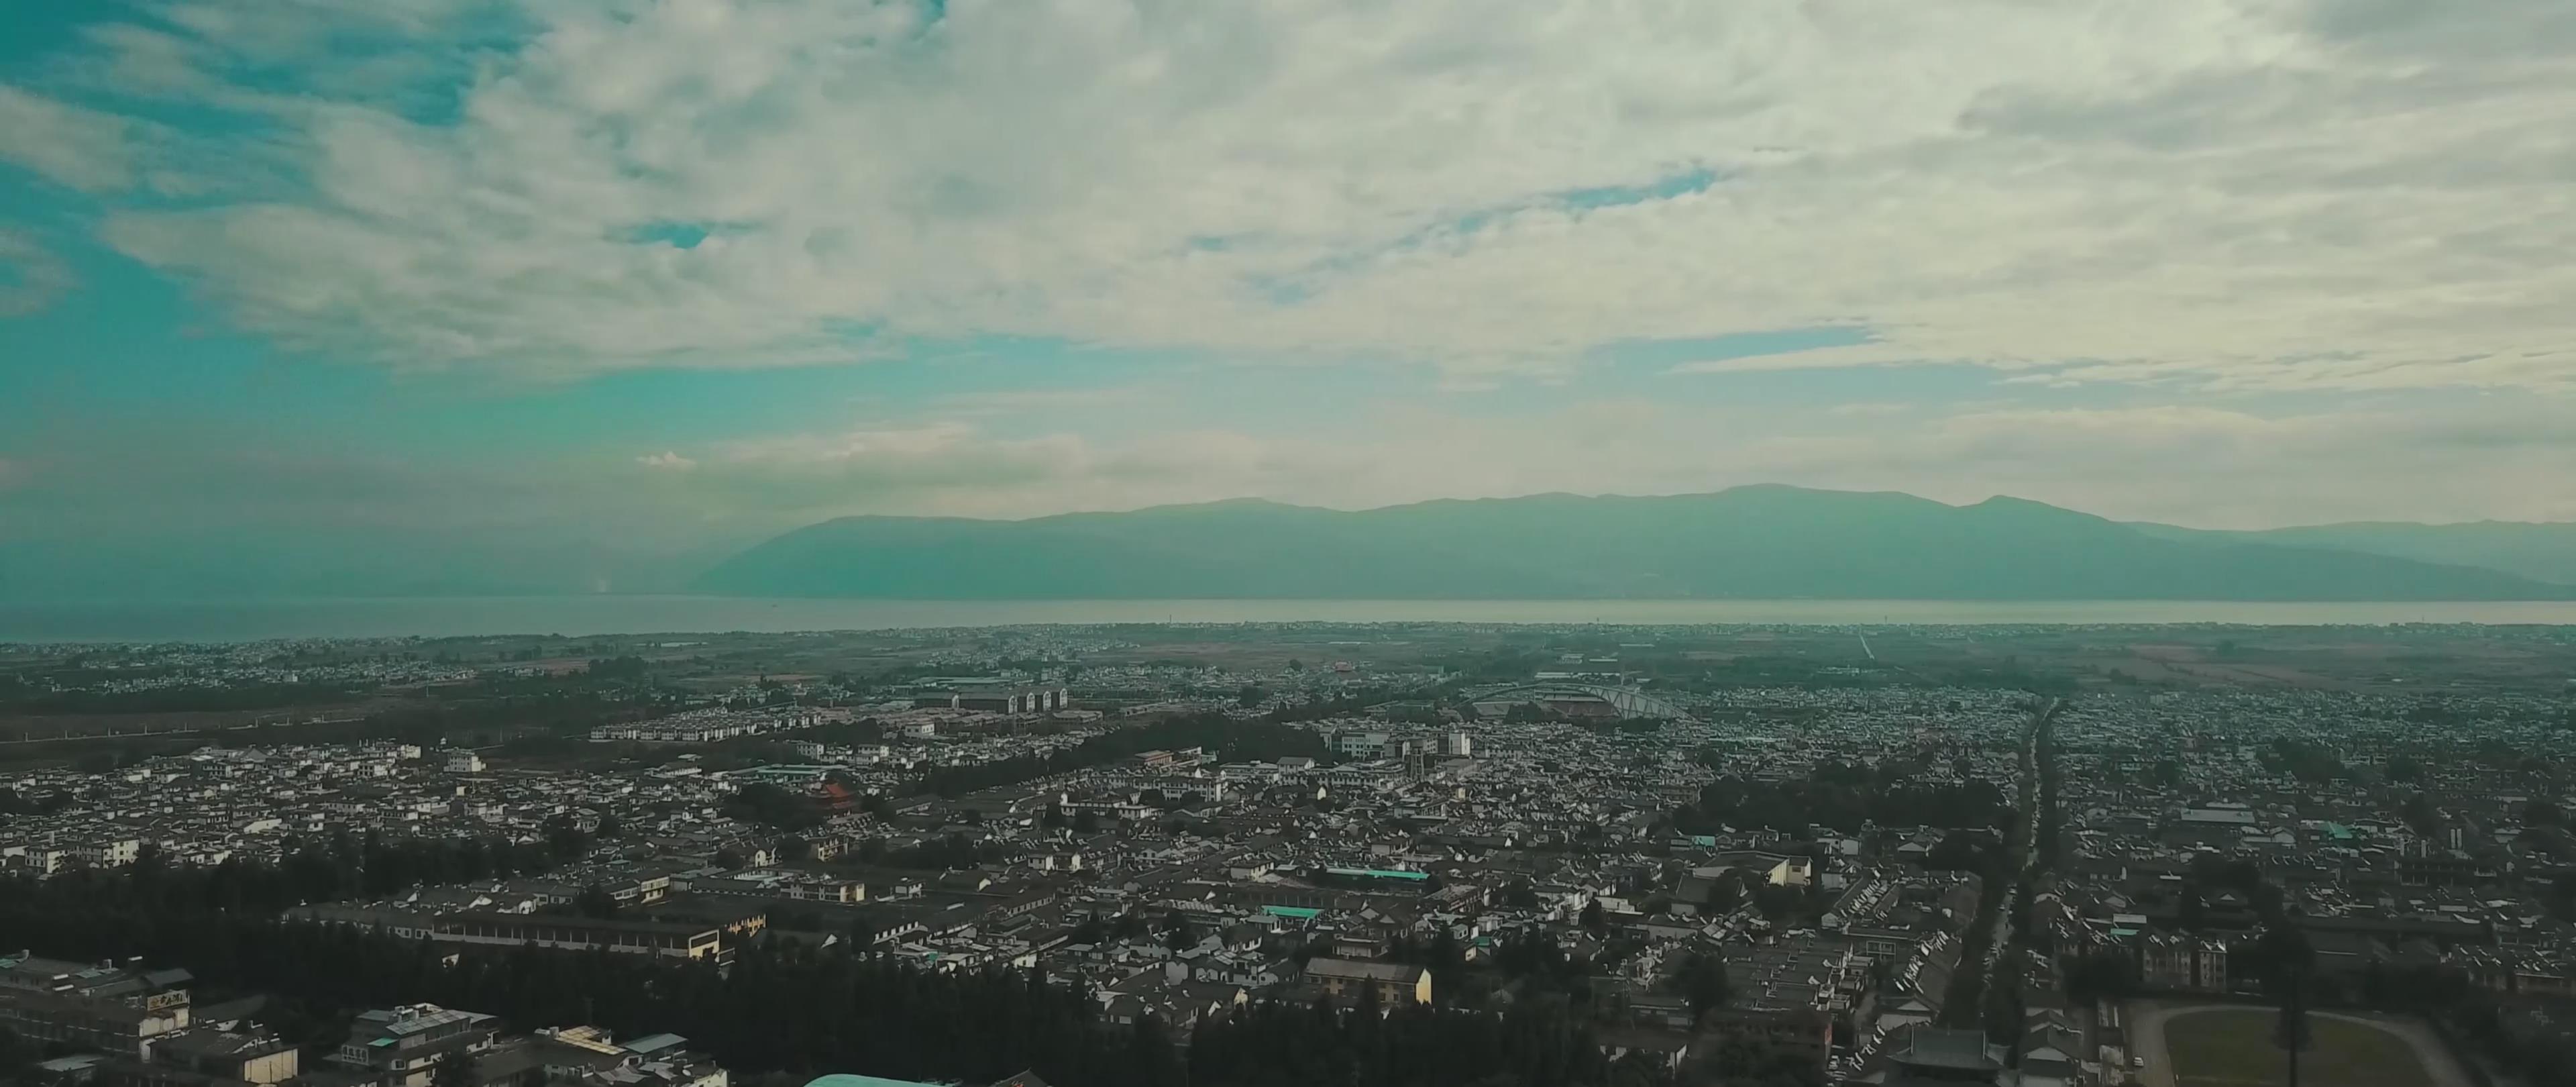 云南 大理 全景 航拍 4k